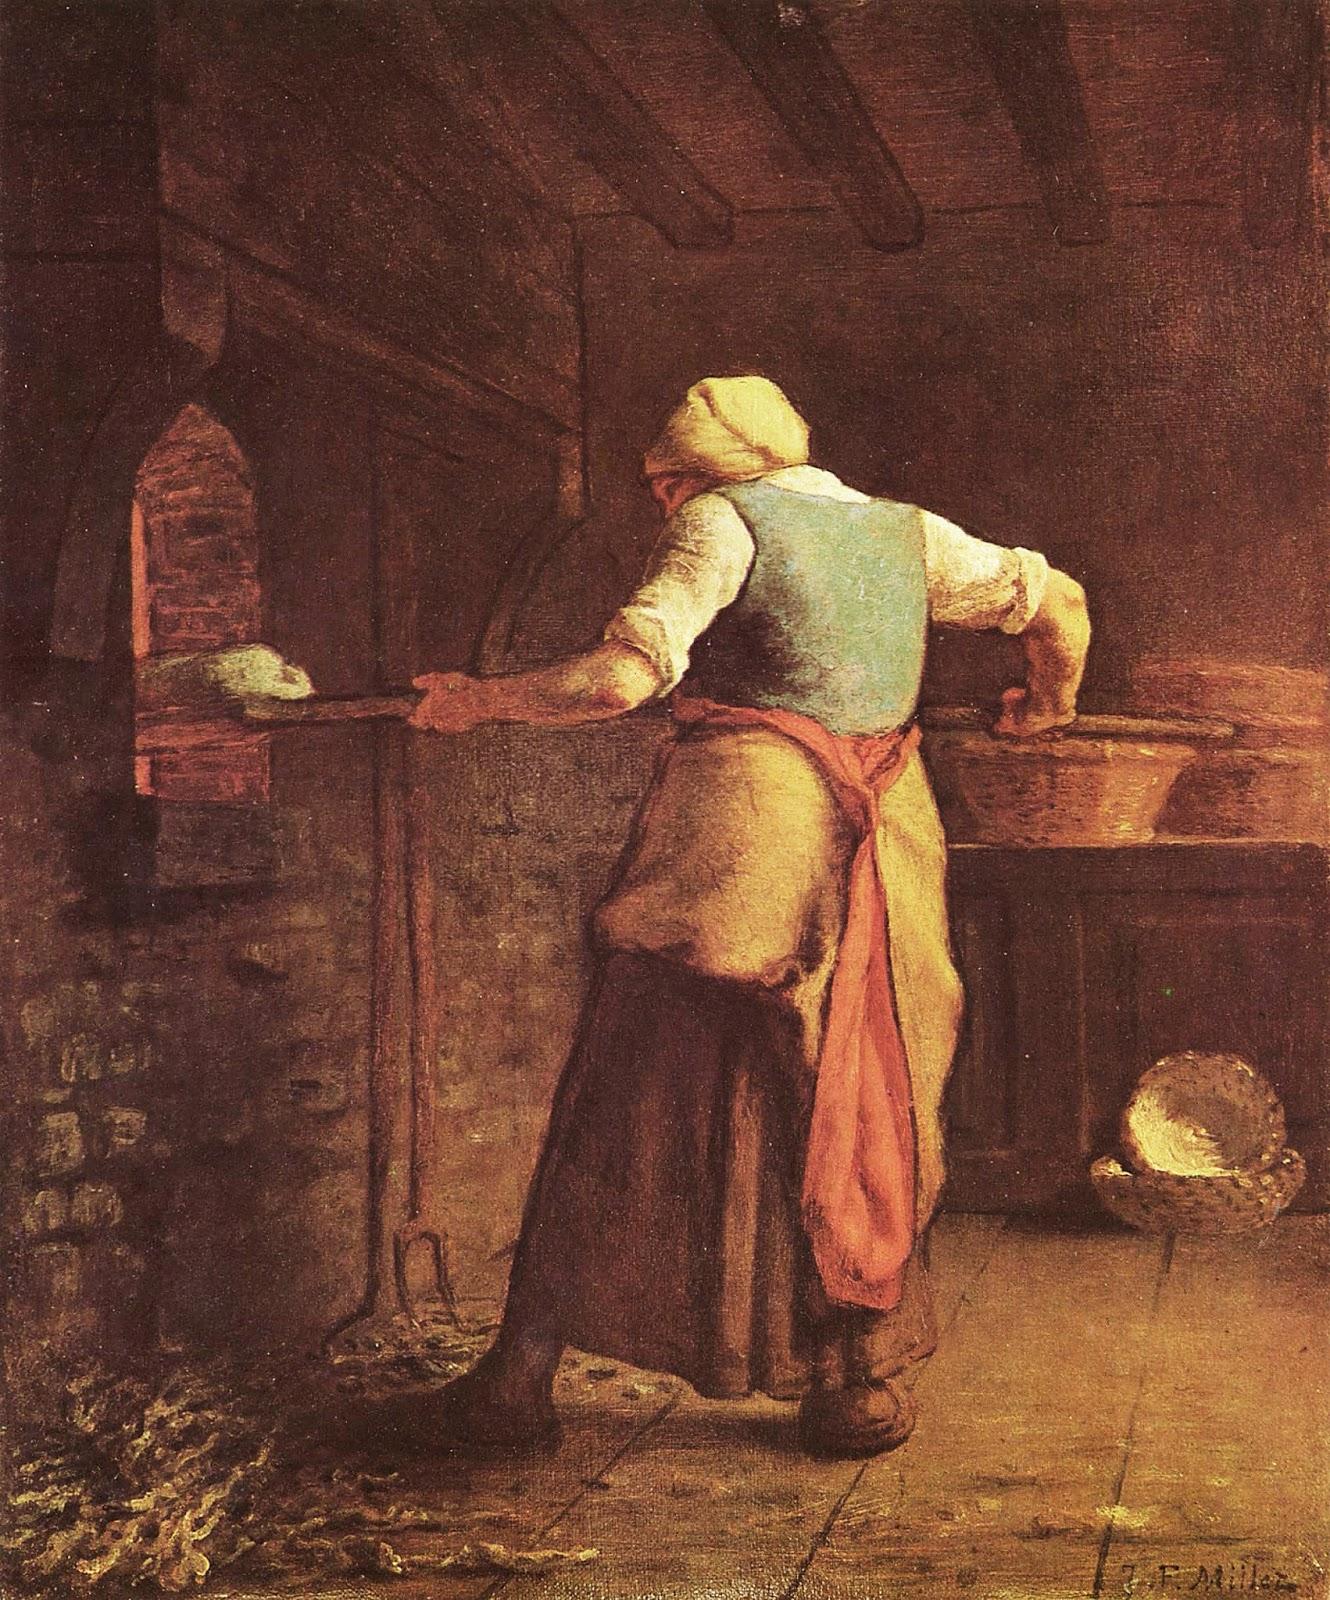 horno-dietas-engordar-adelgazar-grasa-sana-cocina-recetas-receta-faciles-facil-sanas-bruja